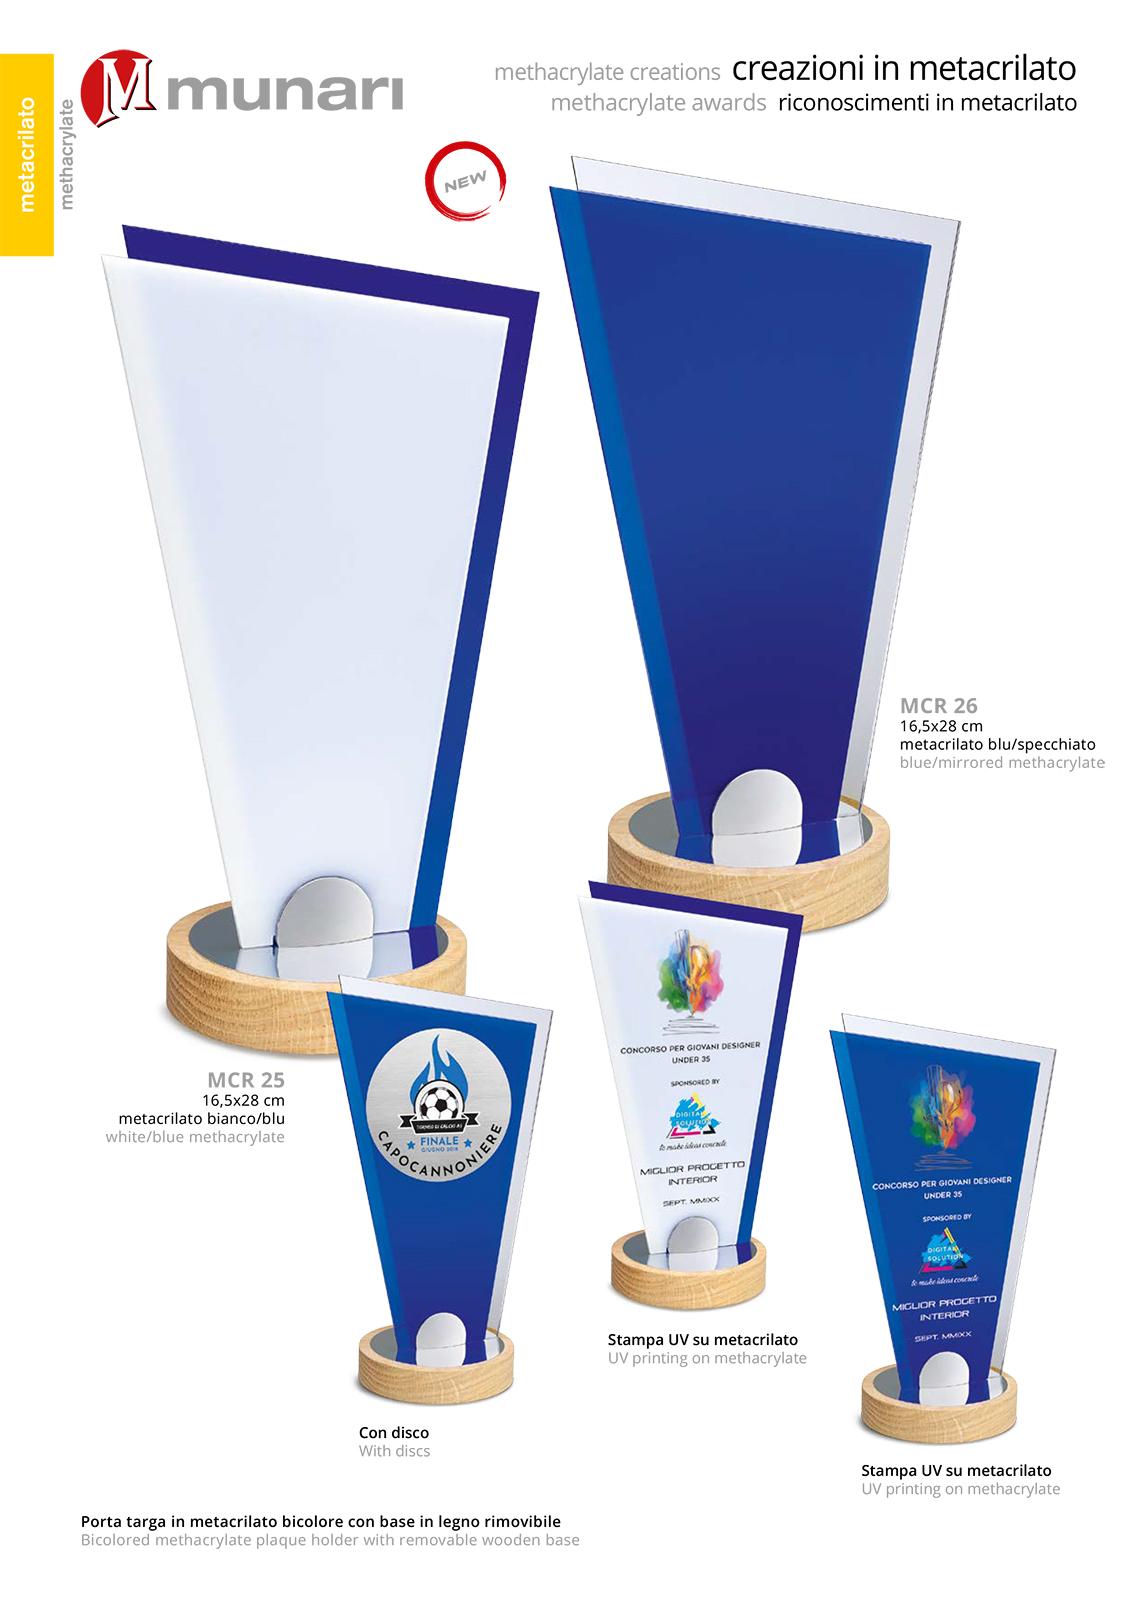 MCR 26 Methacrylate Awards